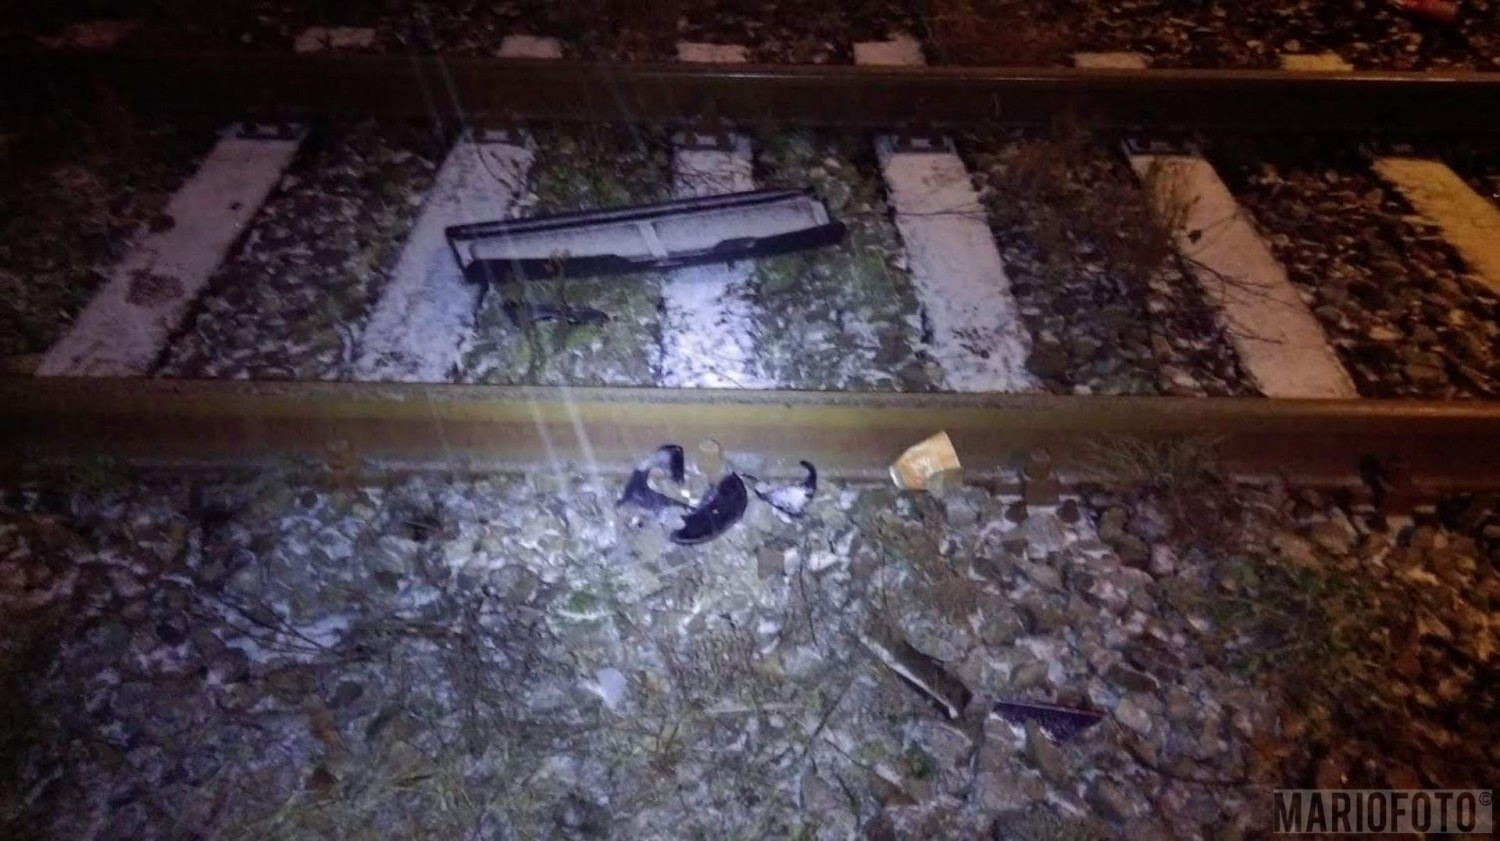 Kierujący fiatem panda na ulicy Wrocławskiej w Grodkowie wjechał na nieoznakowany przejazd kolejowy i zderzył się z szynobusem relacji Wrocław-Nysa